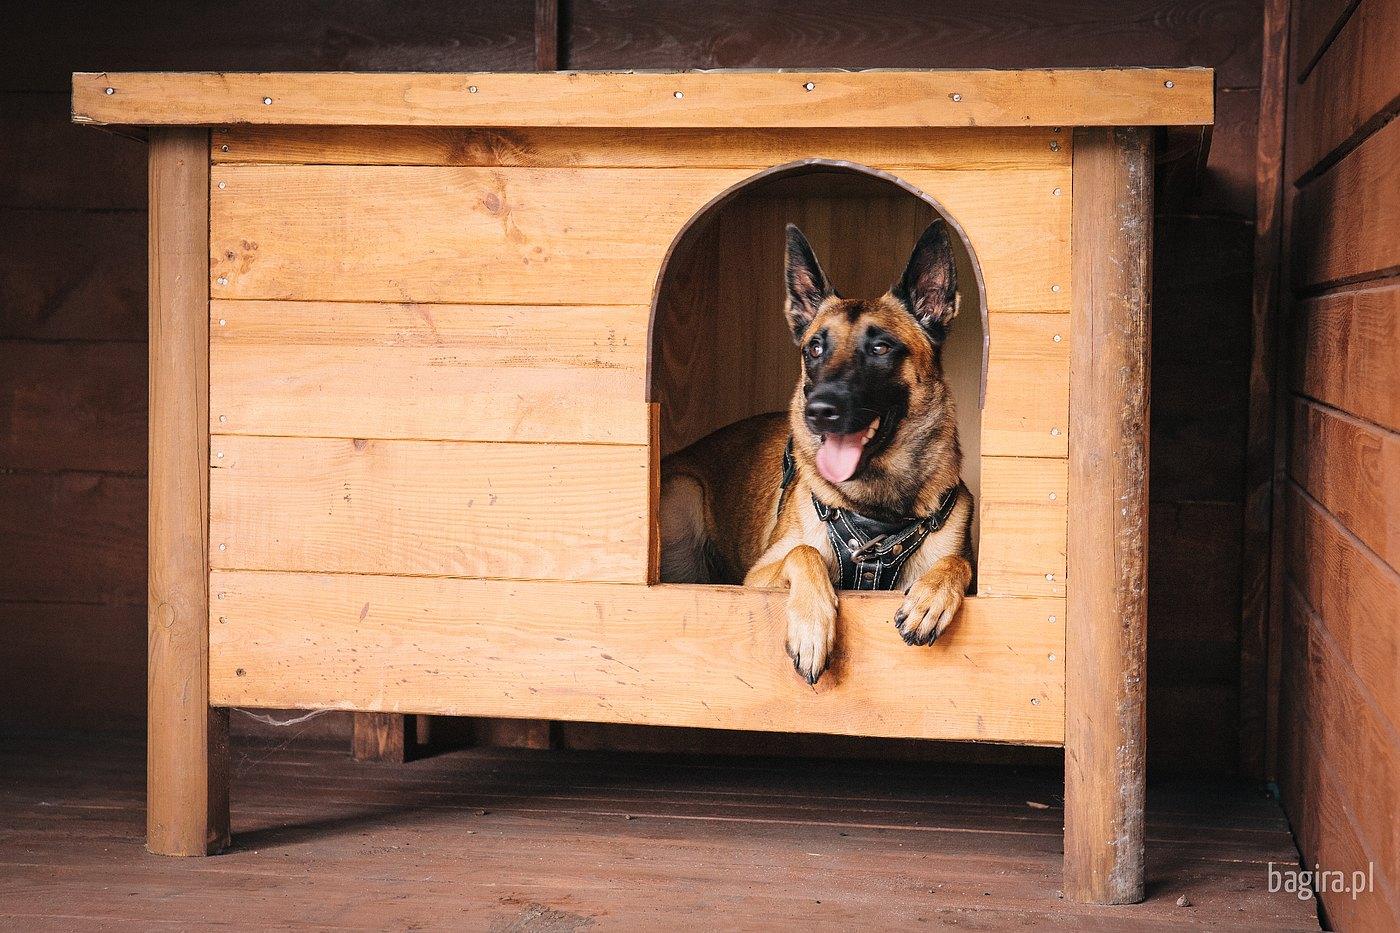 Bagira szkolenie psów behawiorysta - Hotel dla psów